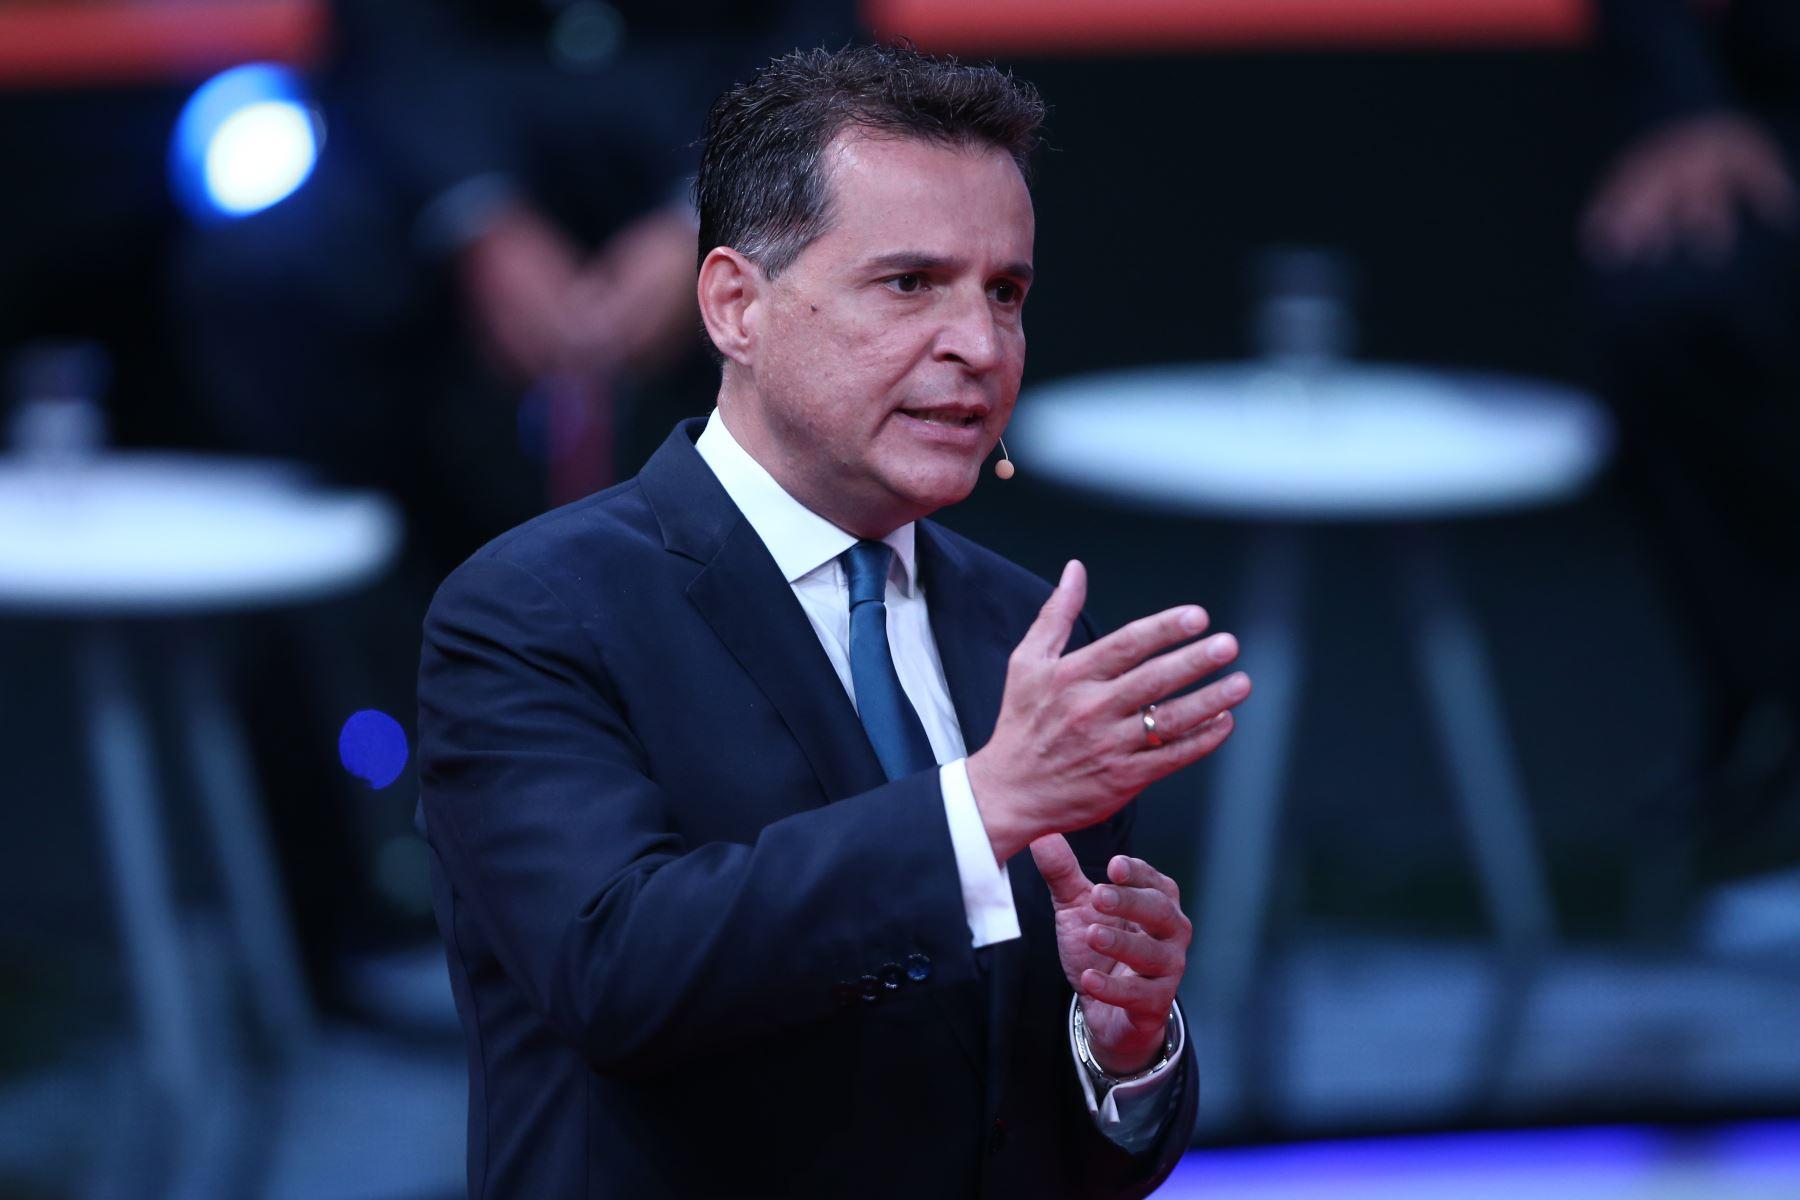 Omar Chehade, candidato al Congreso por Alianza por el Progreso participa en tercer debate de Lima Metropolitana organizado por JNE. Foto: Foto: ANDINA/Vidal Tarqui